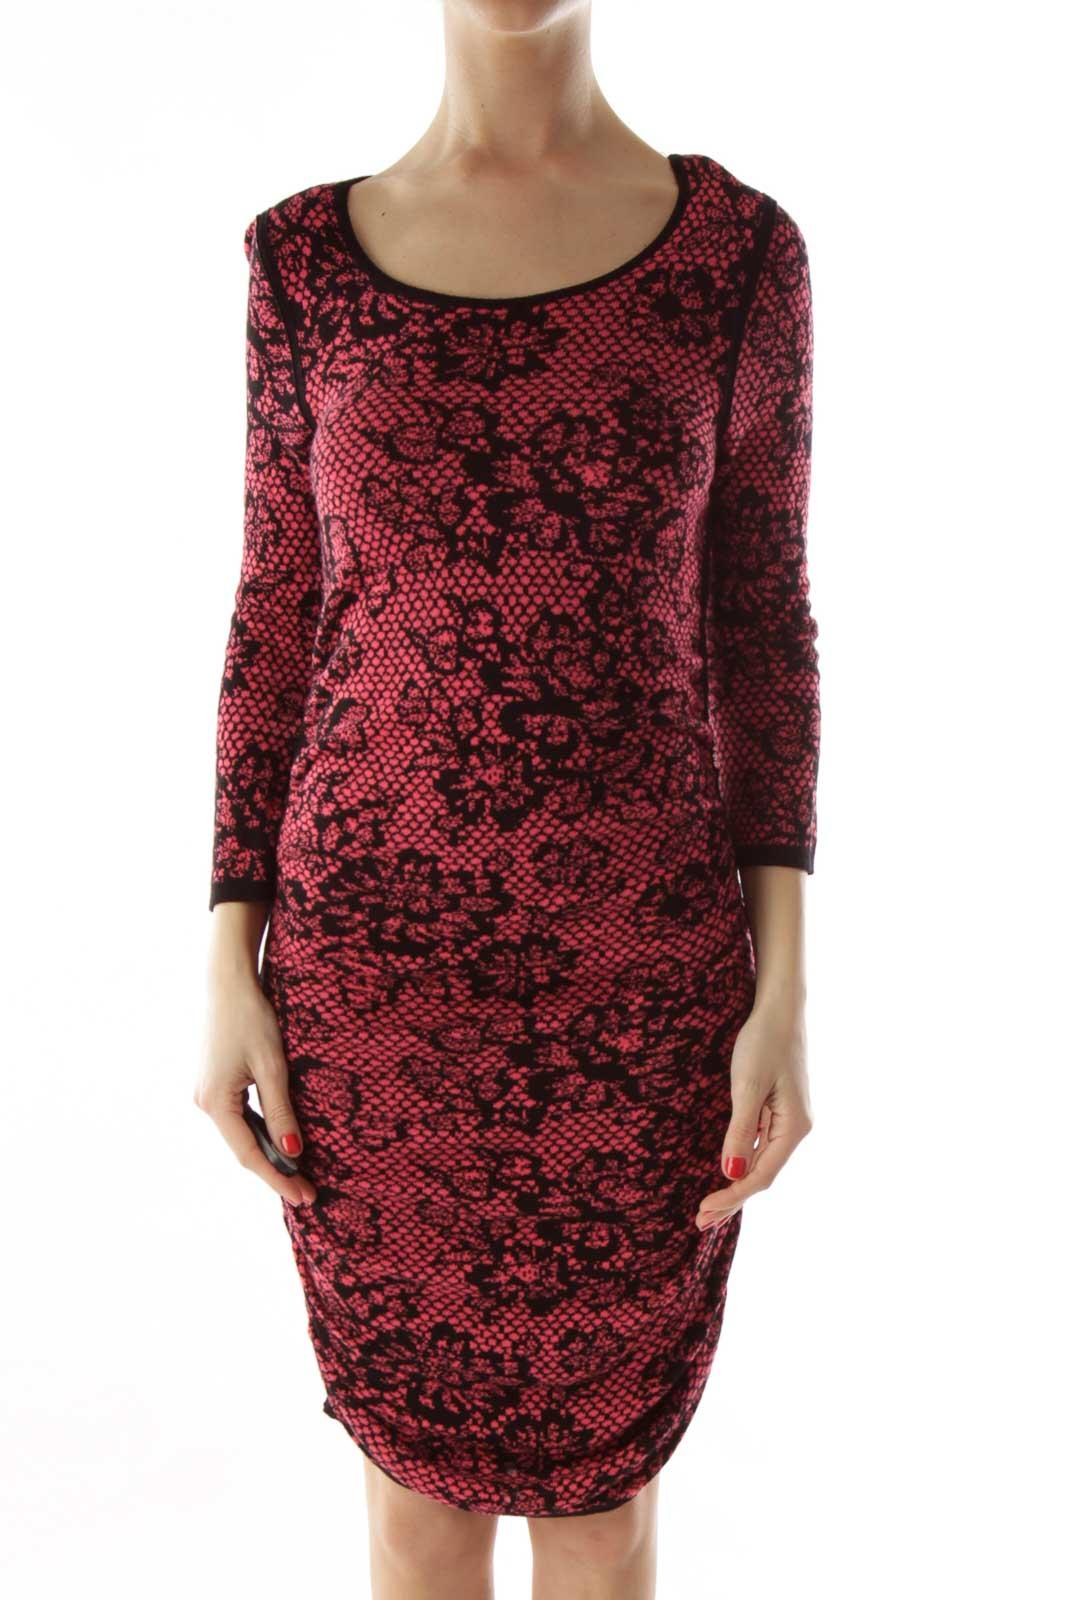 Pink & Black Bodycon Knit Dress